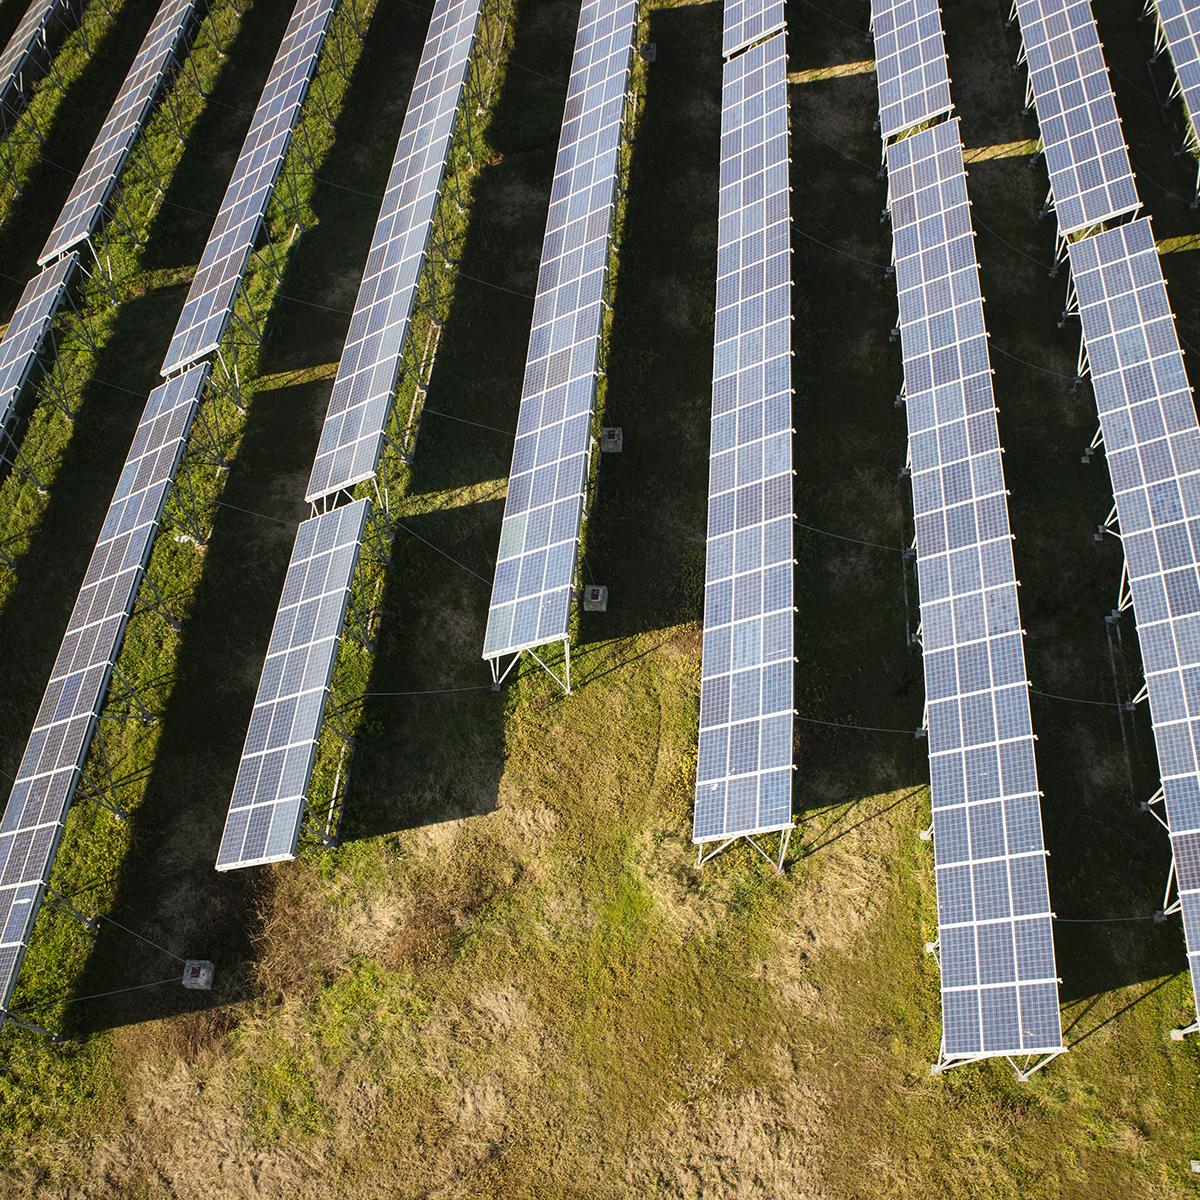 Mantenimiento de instalaciones de energía solar fotovoltaicas